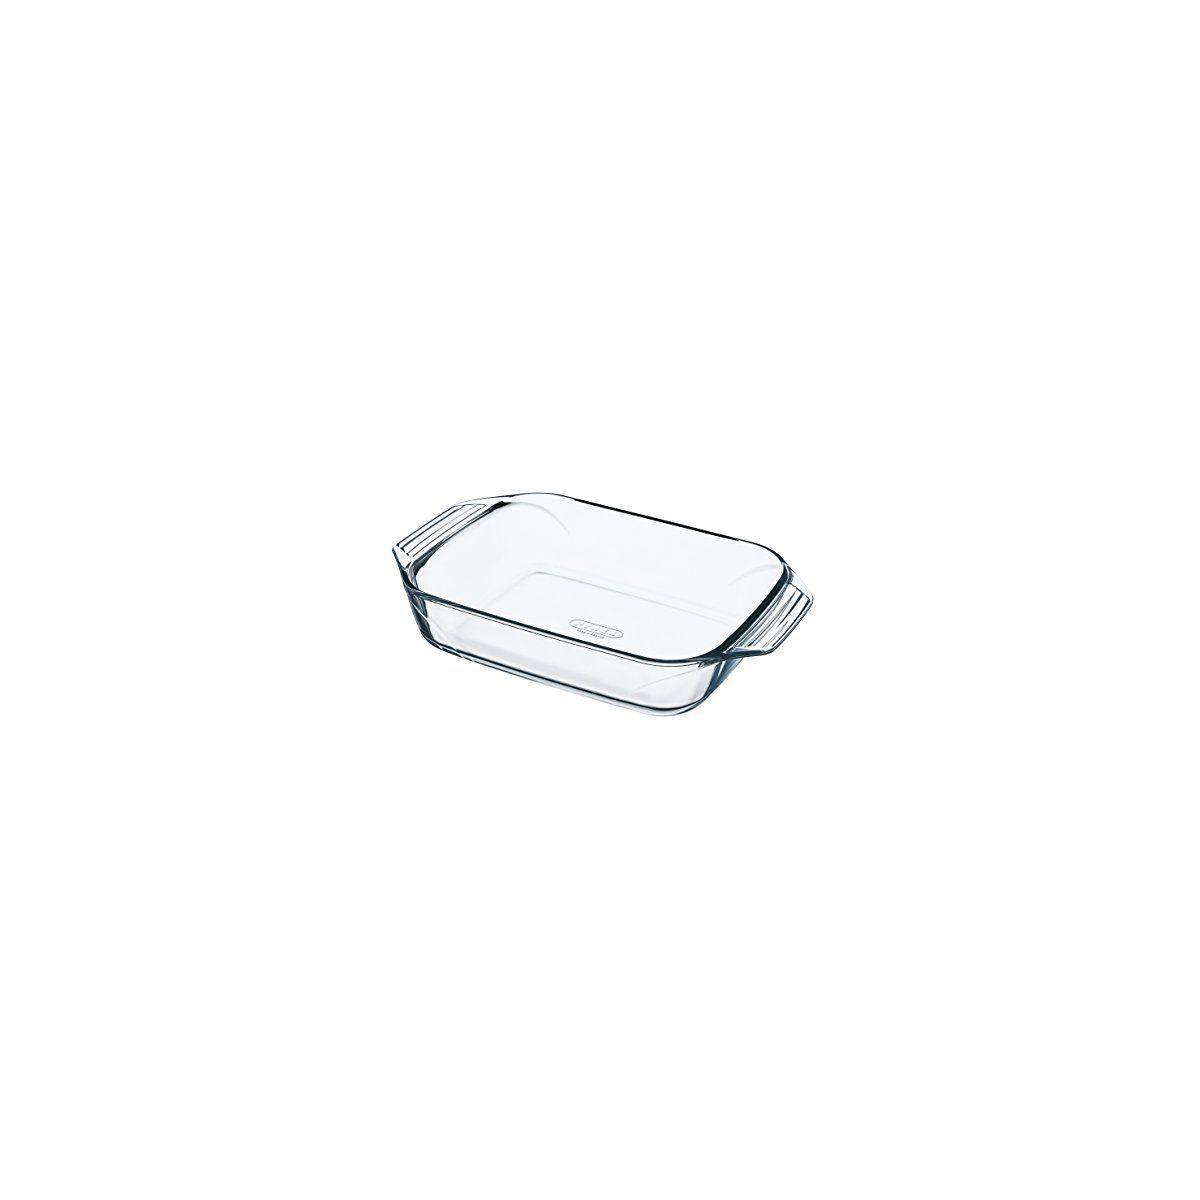 Plat � four pyrex rectangulaire 27x17 cm irresistible (photo)